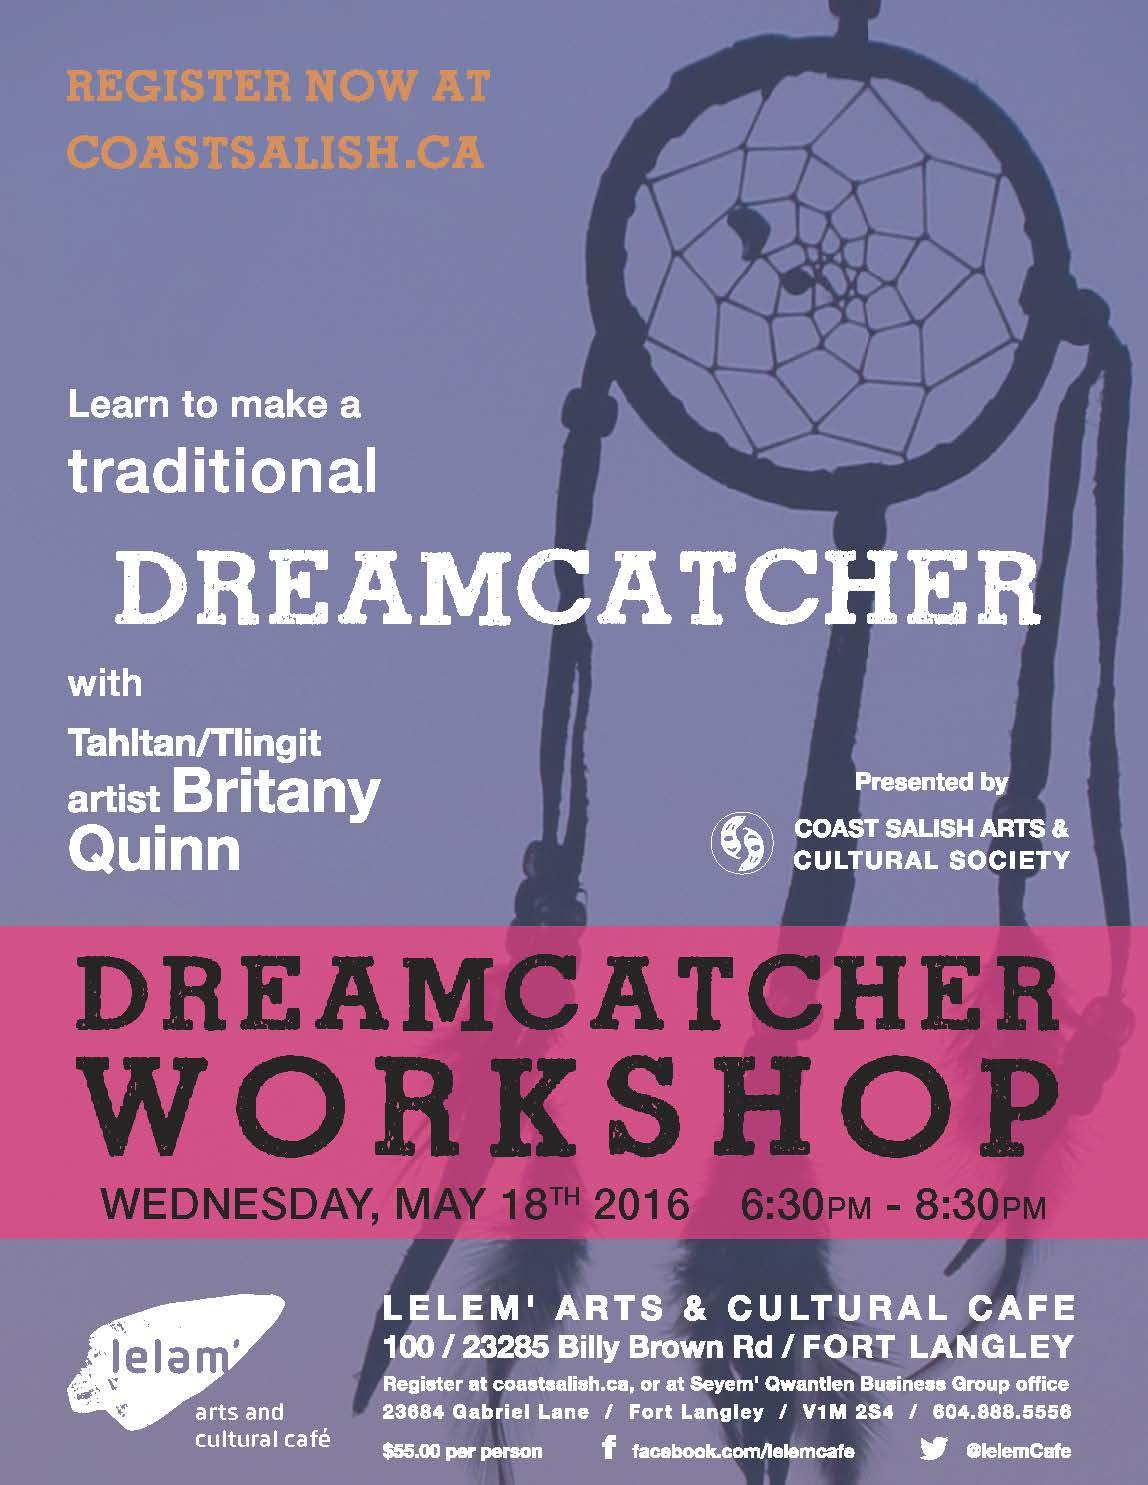 2016-02-19 Britany Quinn dreamcatcher workshop poster final outlines.jpg